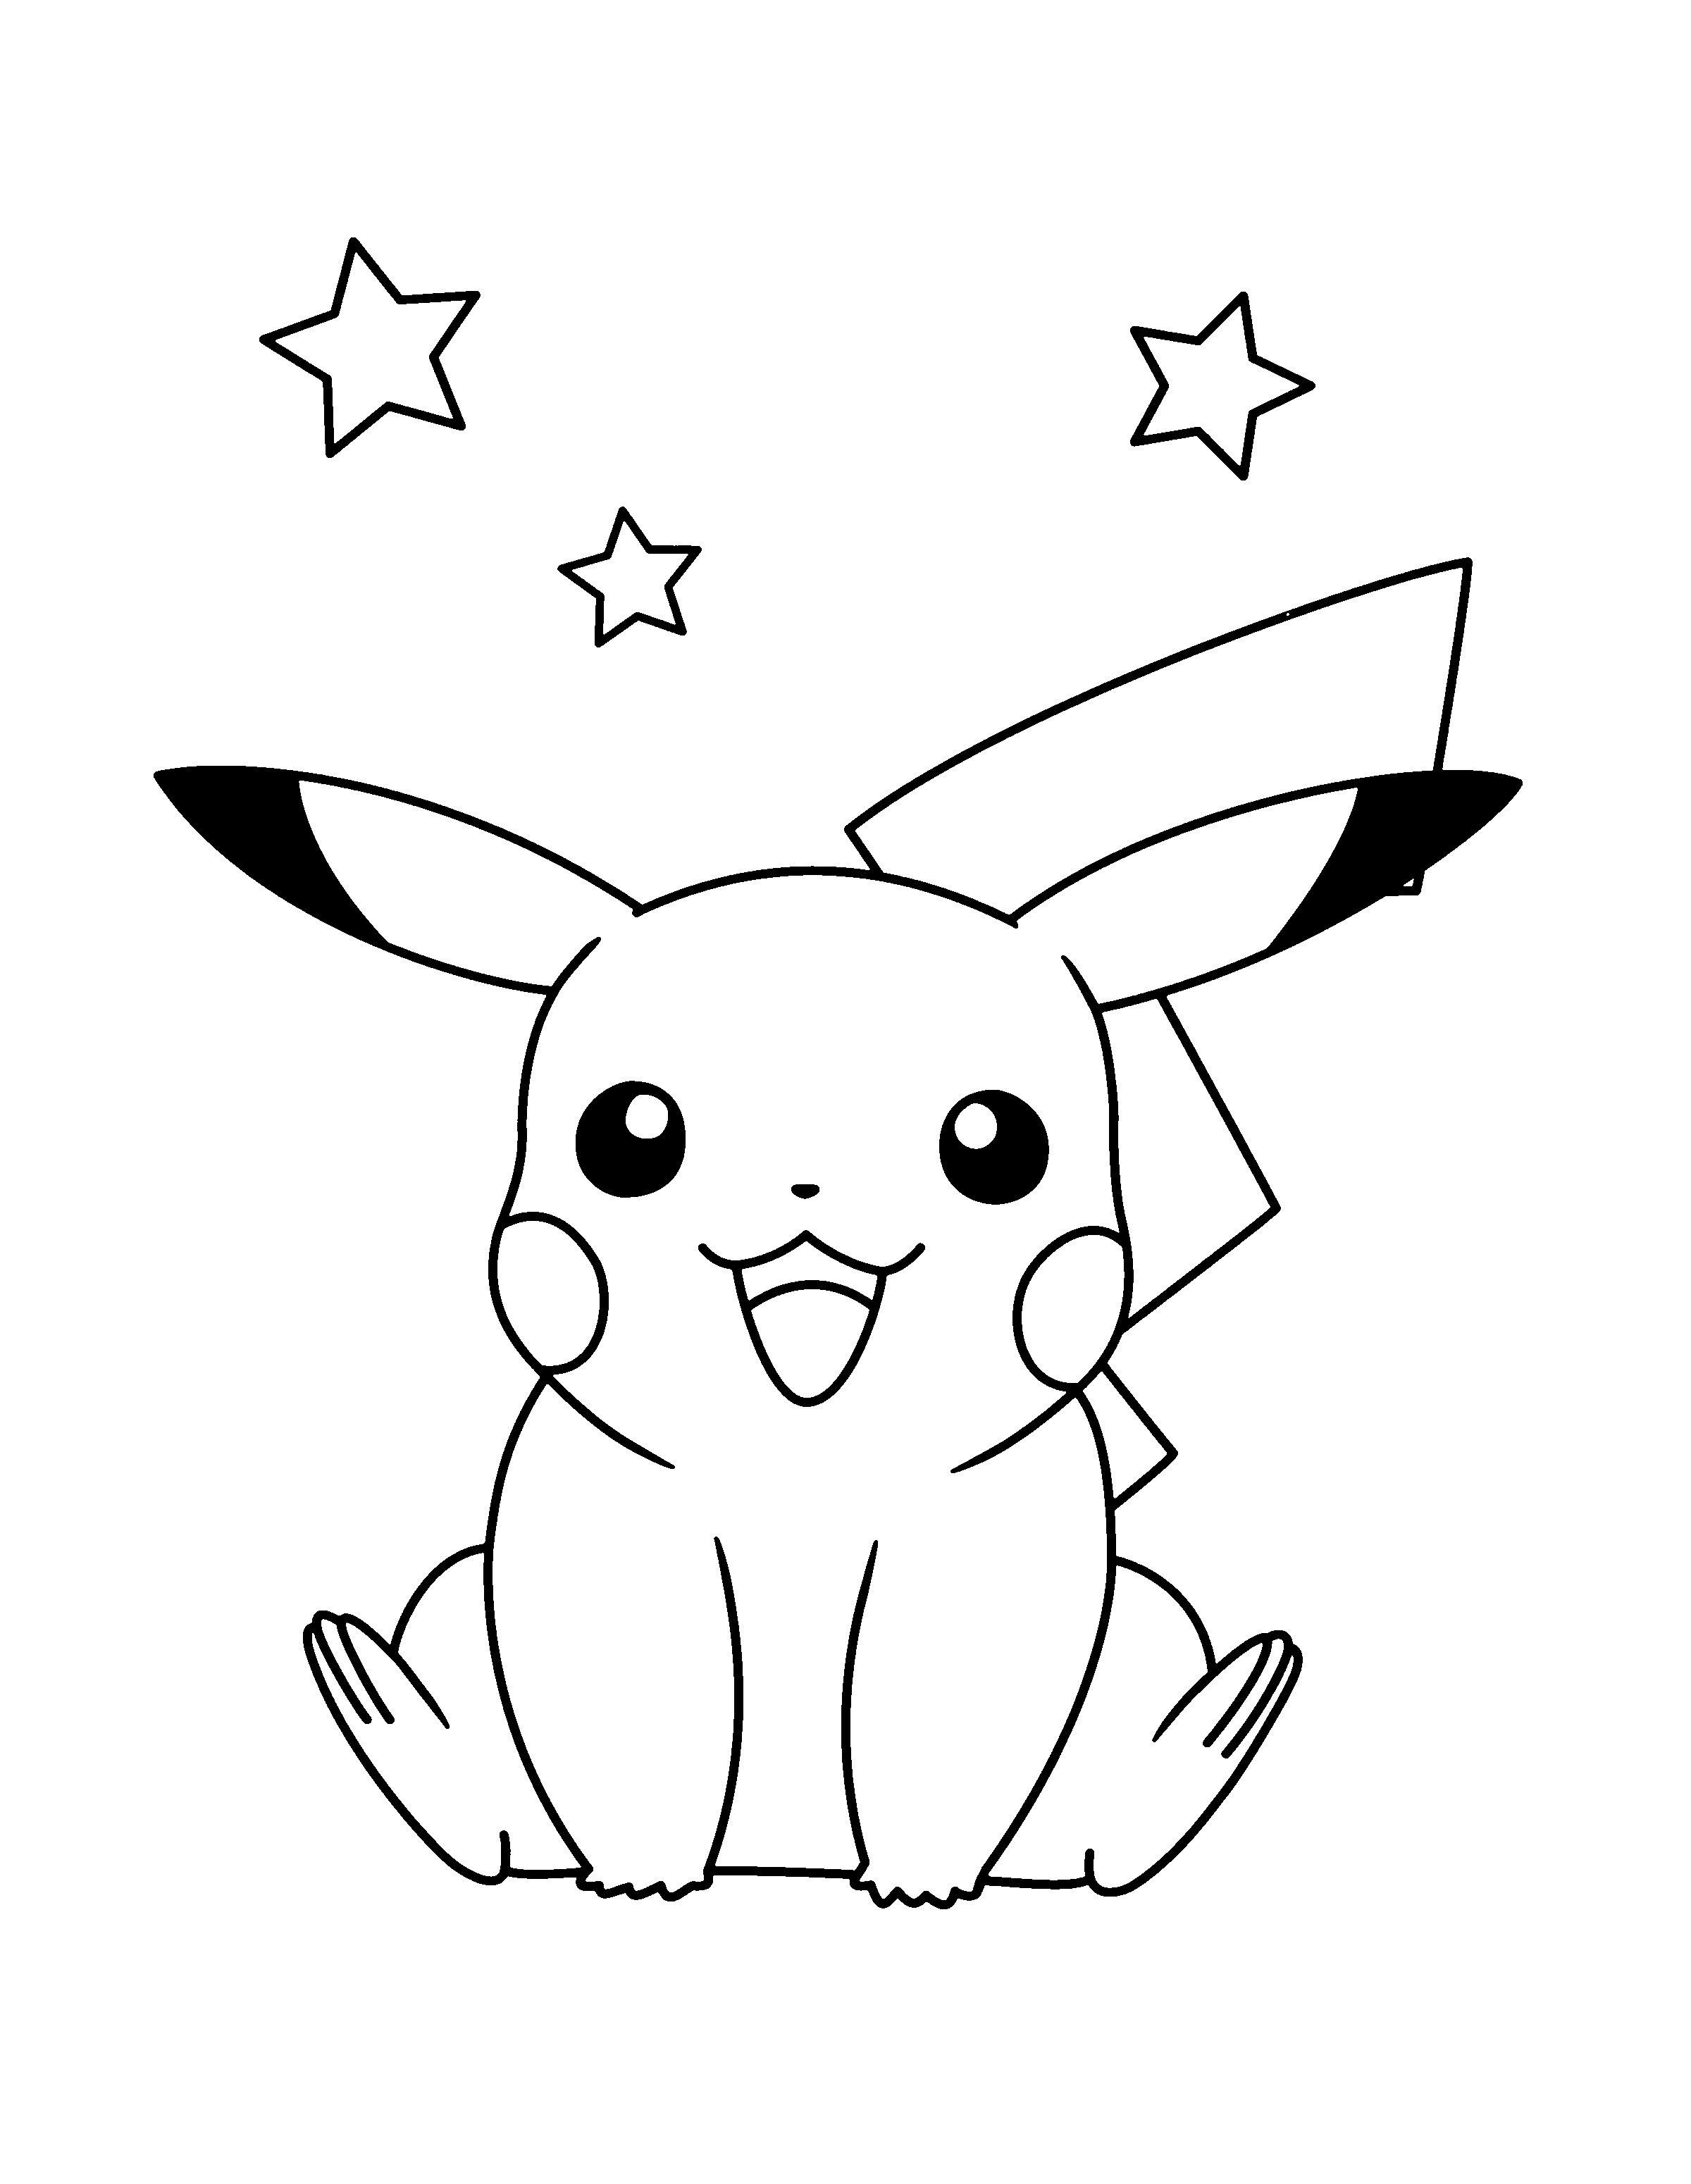 20 ideen für pikachu ausmalbilder - beste wohnkultur